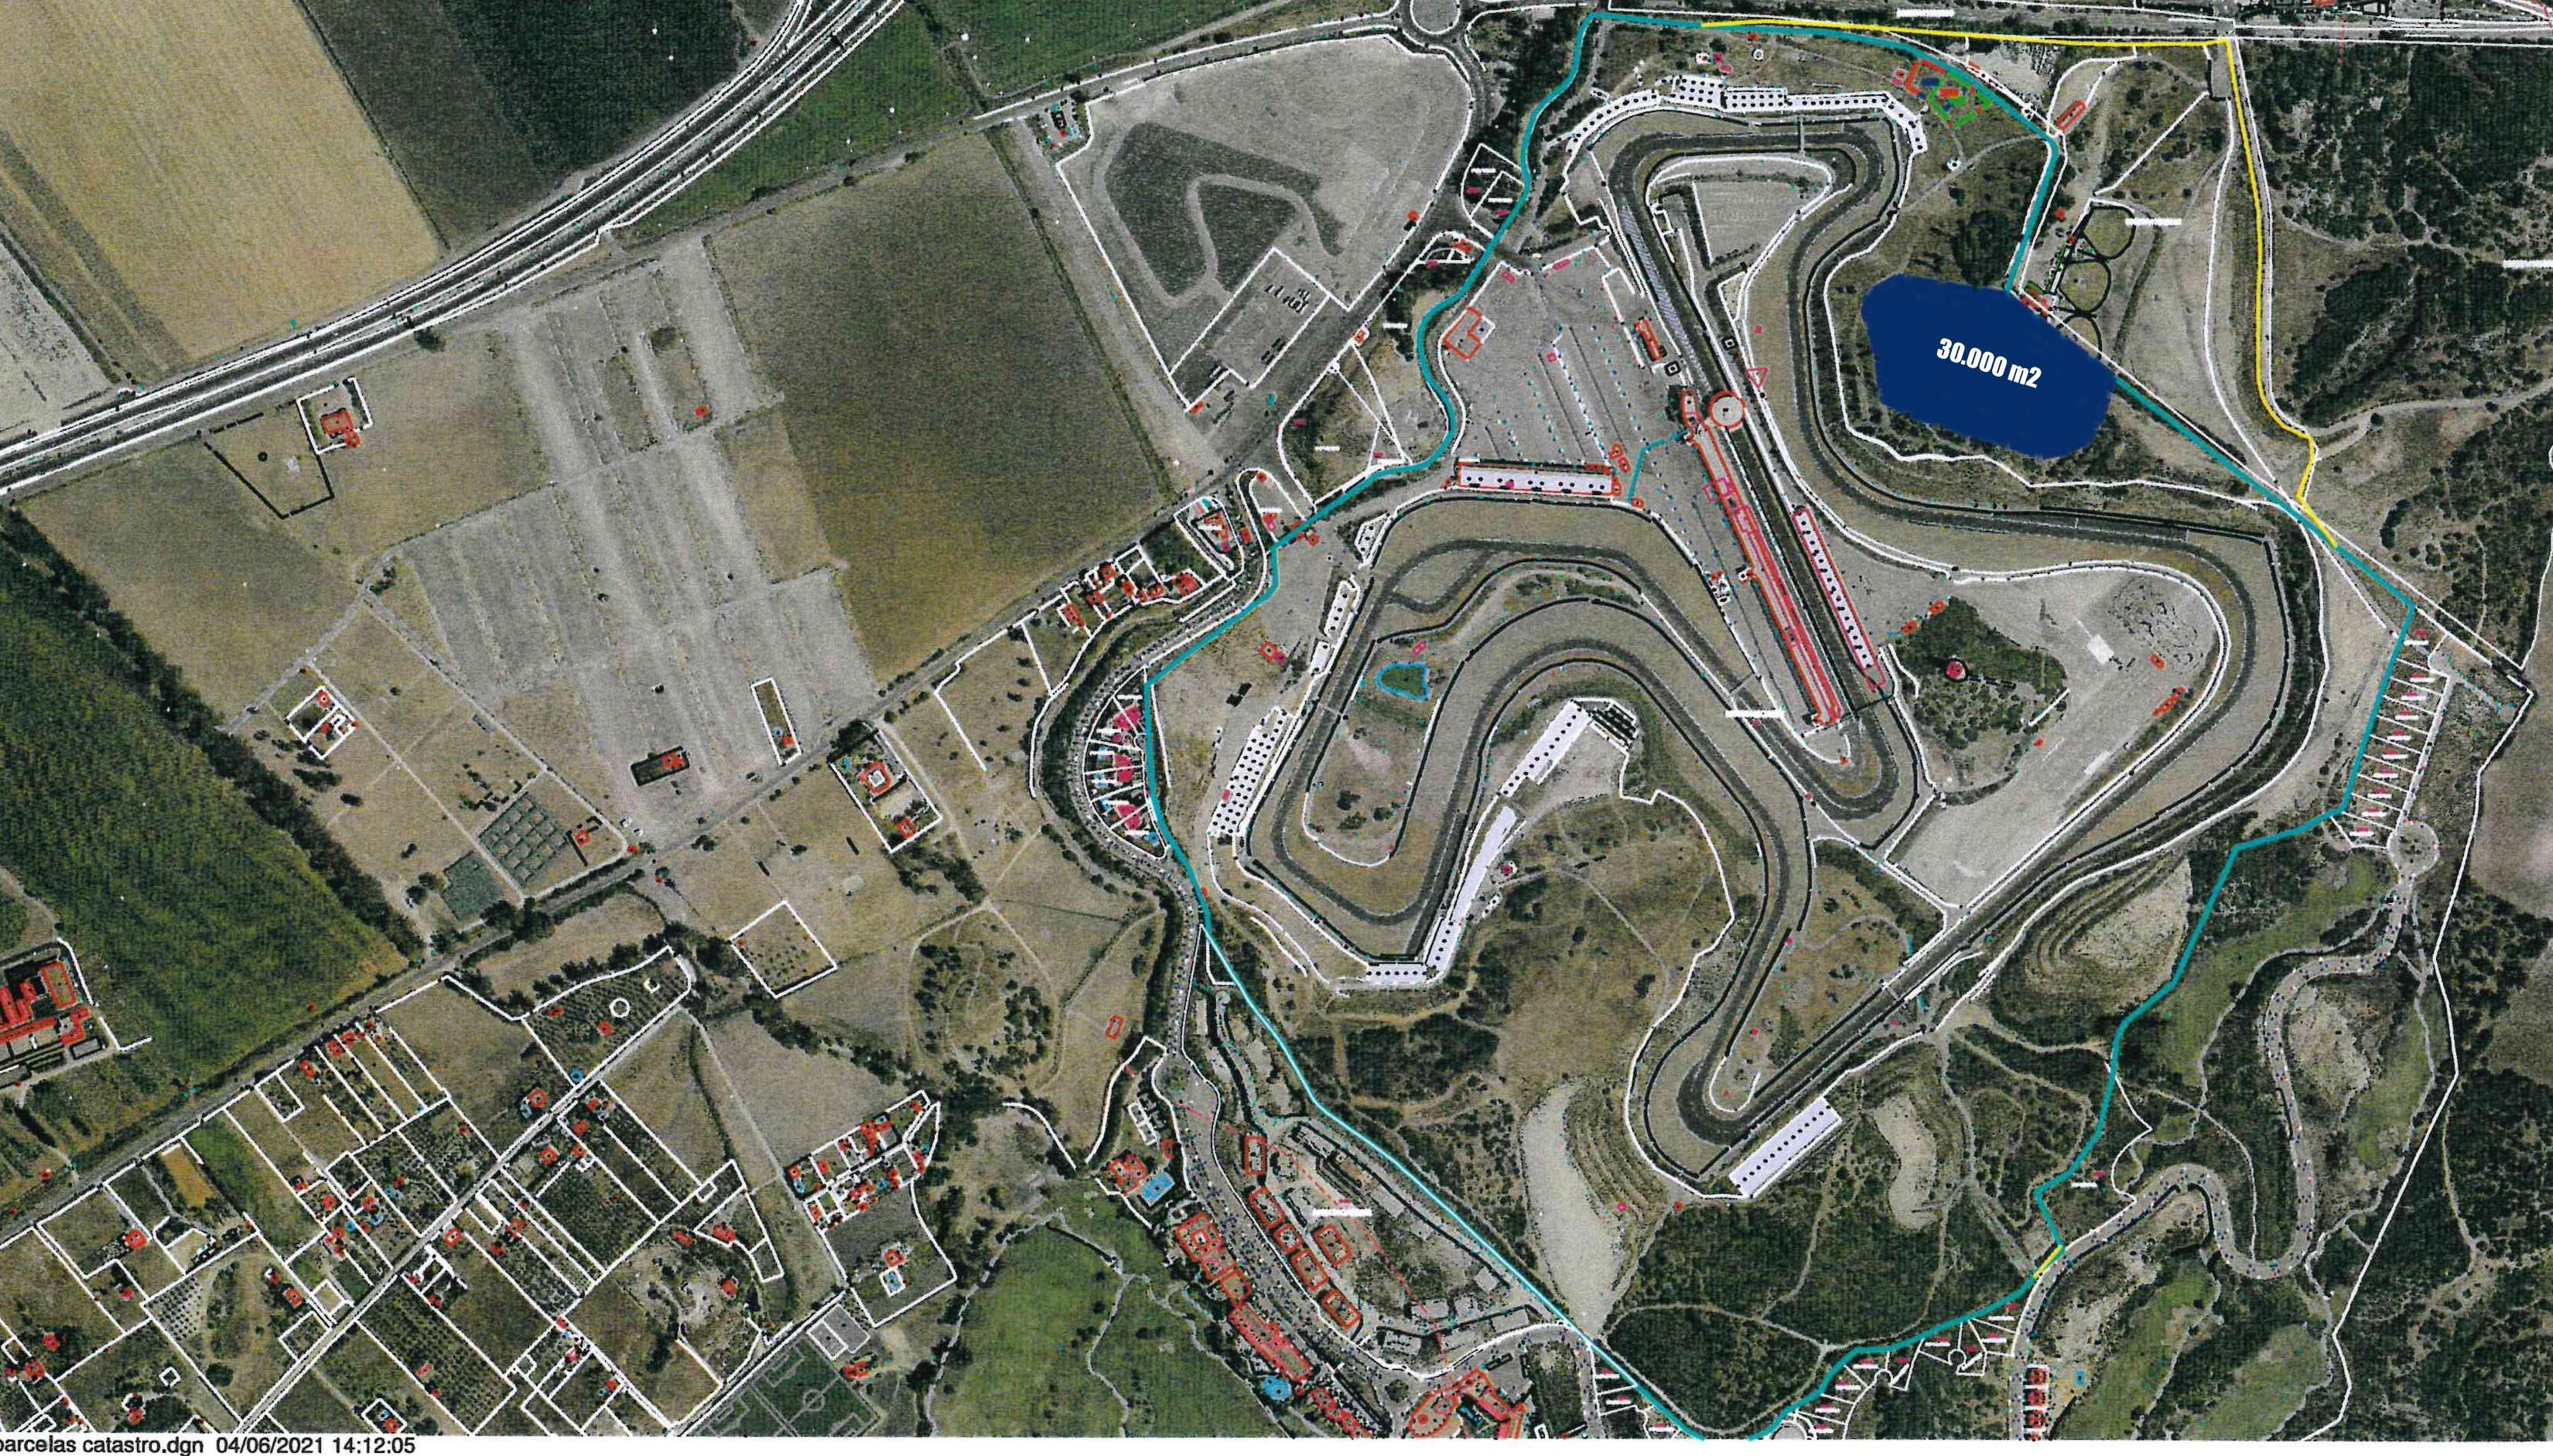 El Circuito de Jerez busca inversores interesados en nuevos espacios VIP y hotel dentro de las instalaciones